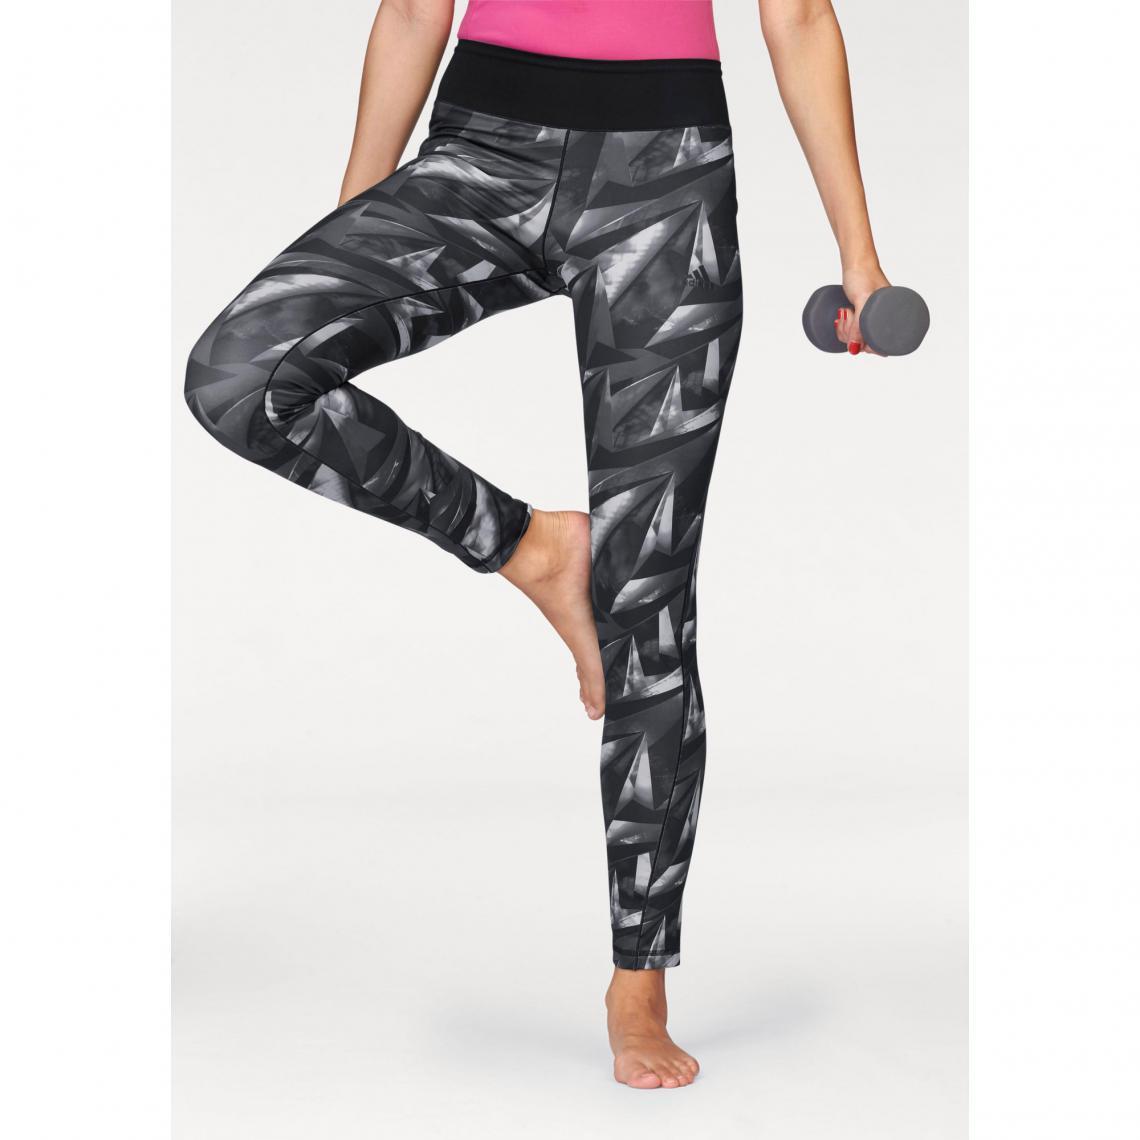 Legging imprimé graphique Climalite® adidas Performance sport femme - Noir  Adidas Performance Femme 335263d4387